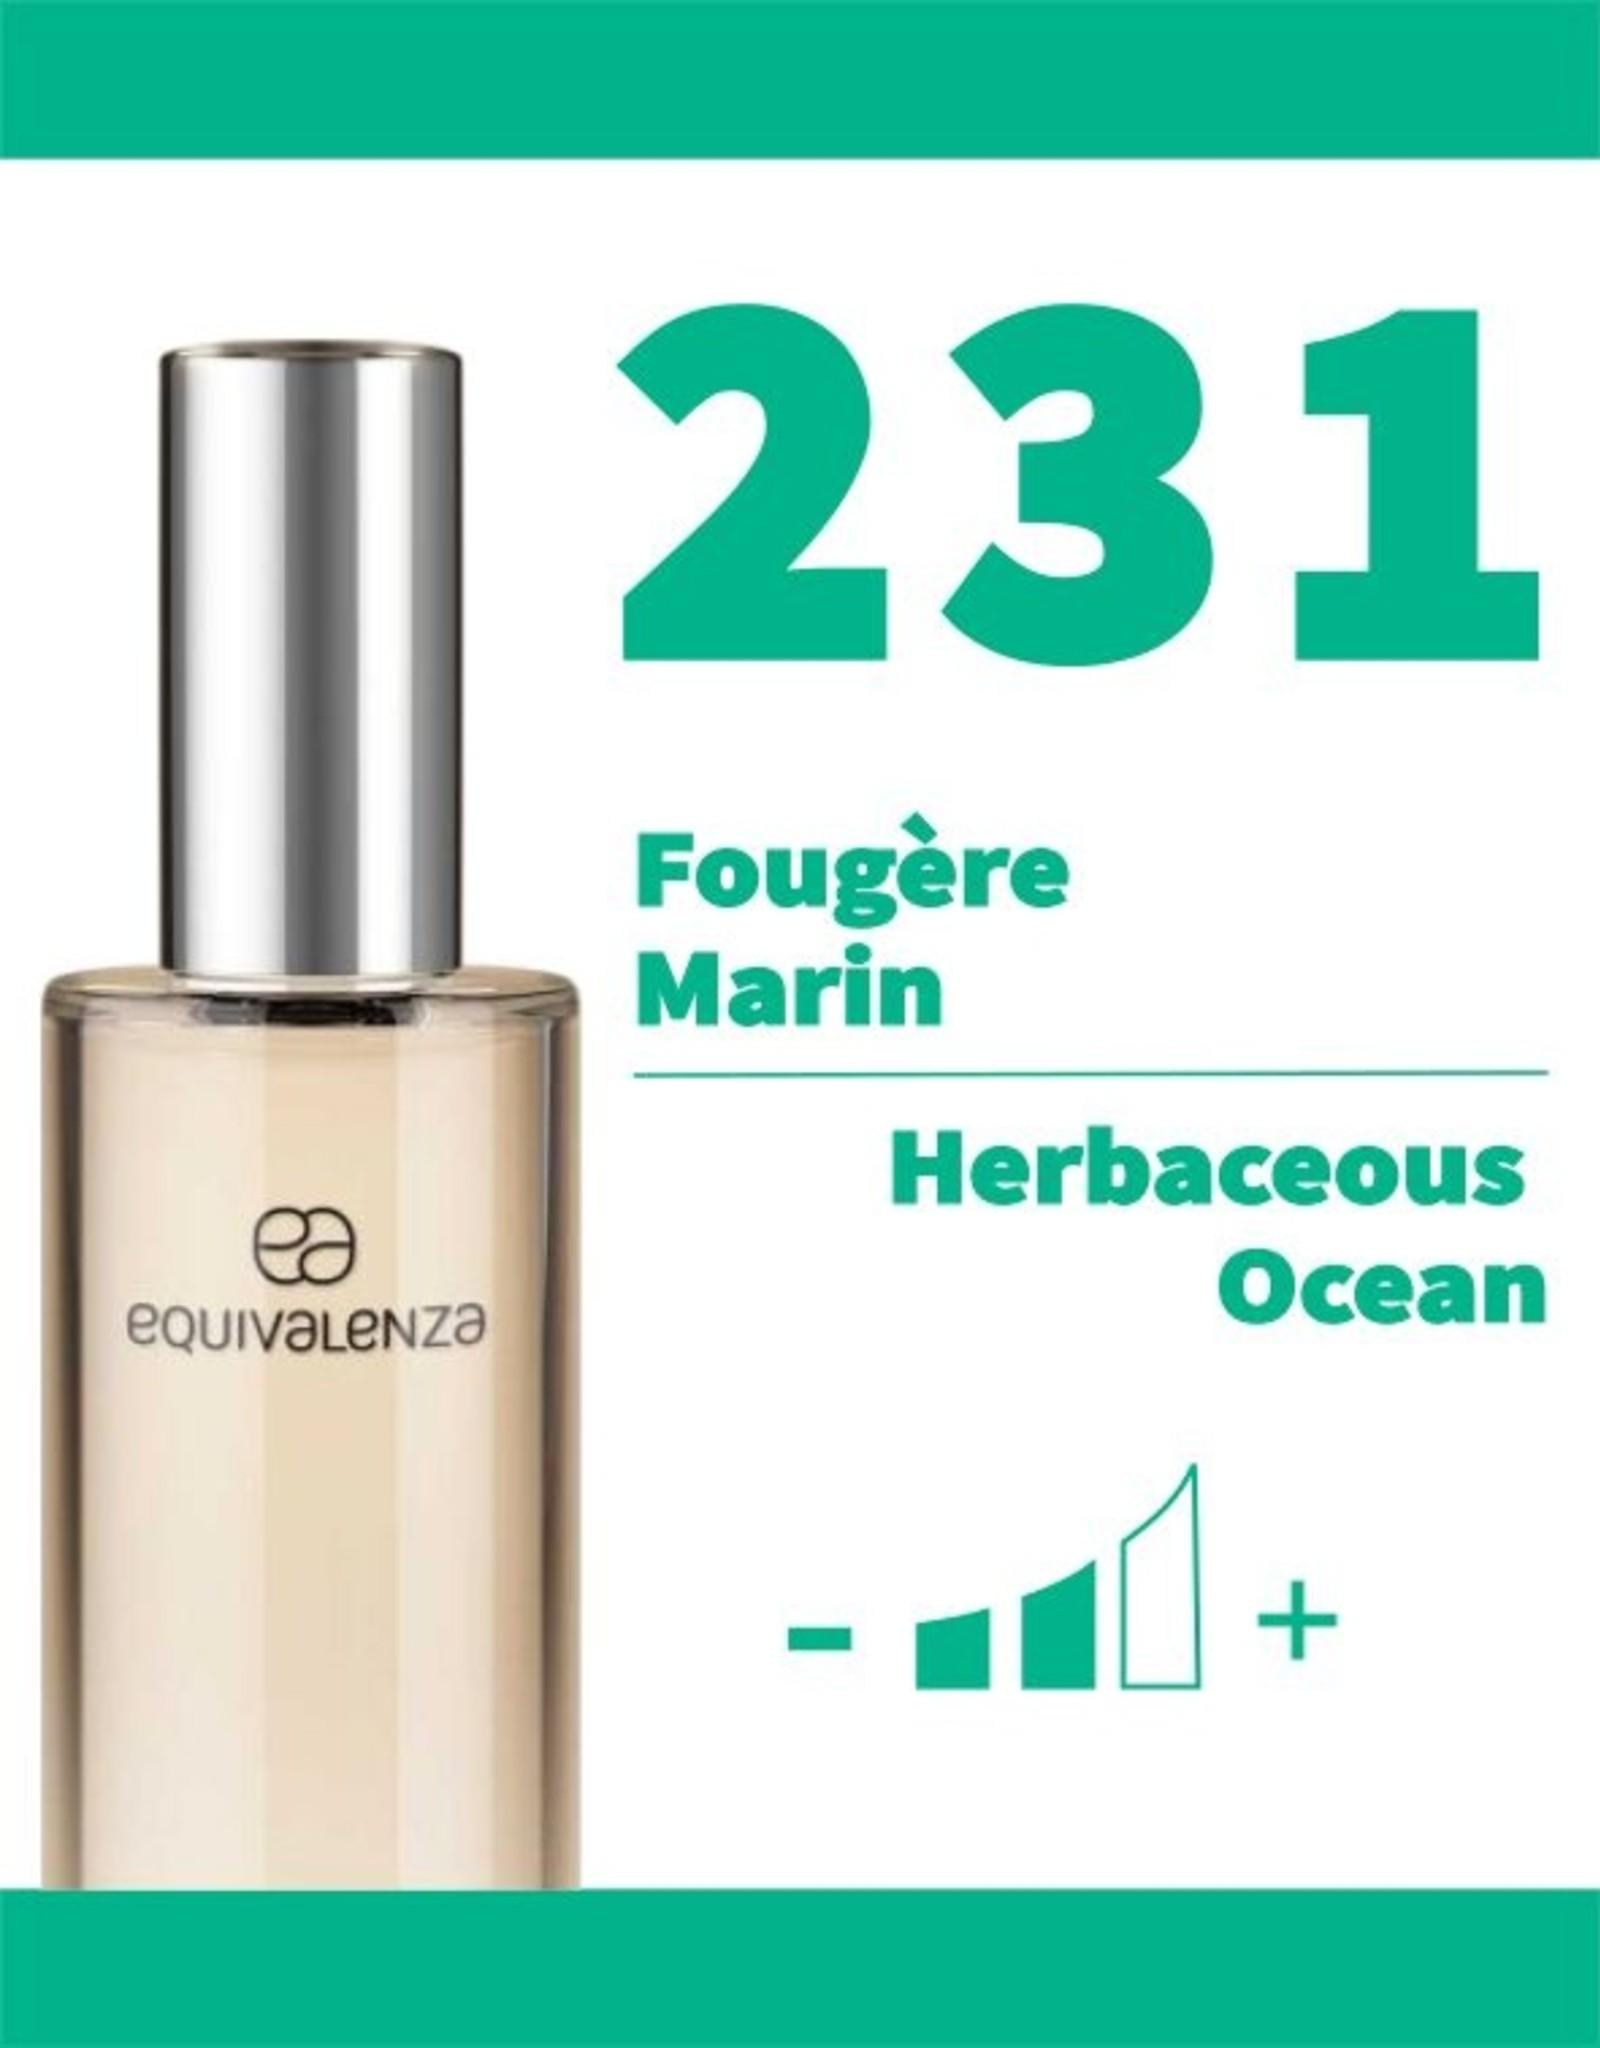 Equivalenza Eau de Toilette Fougère Marin 231